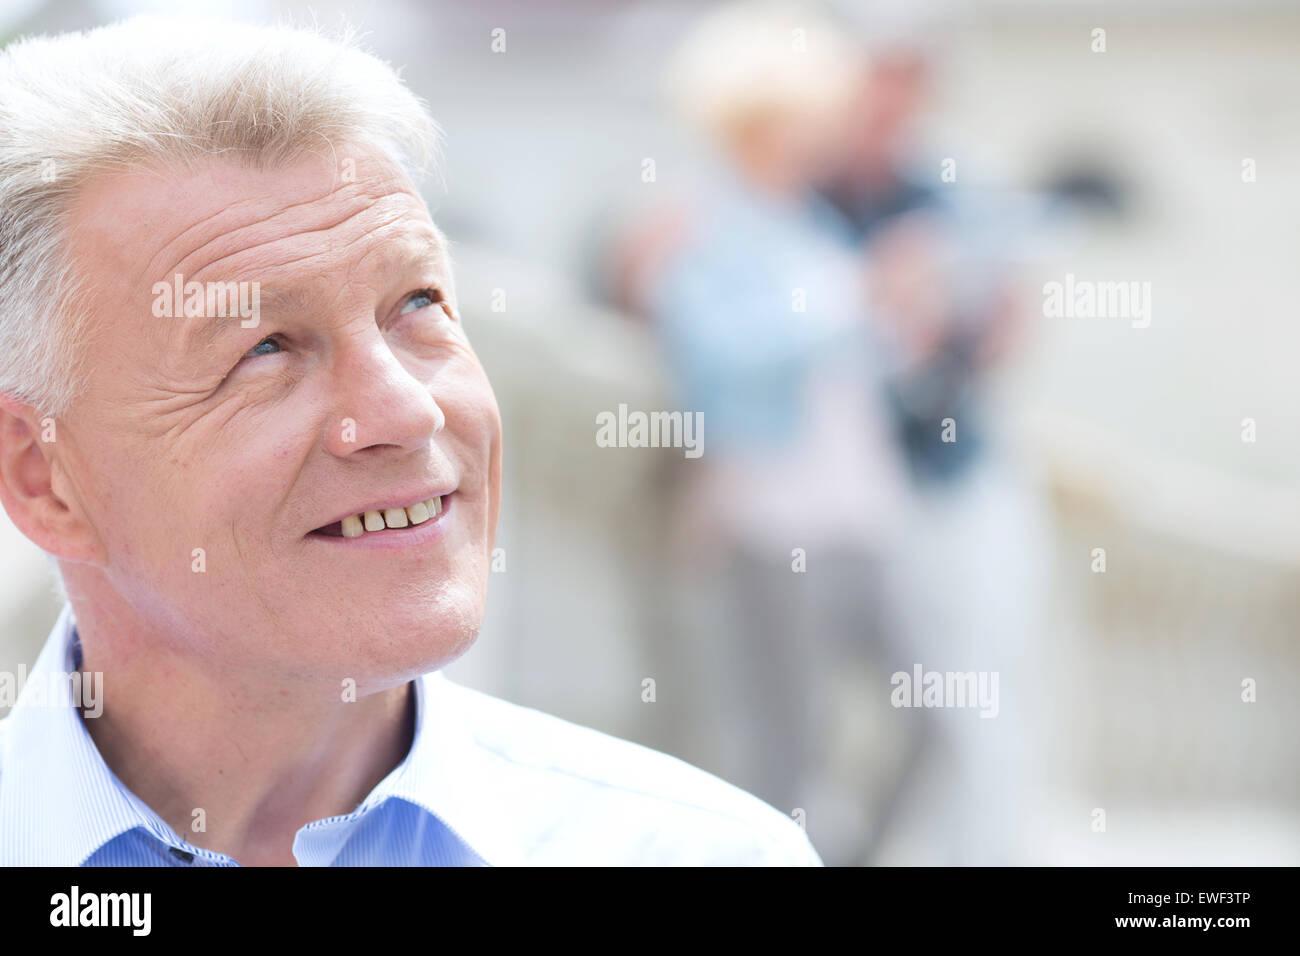 Close-up de hombre sonriente mirar hacia afuera Imagen De Stock